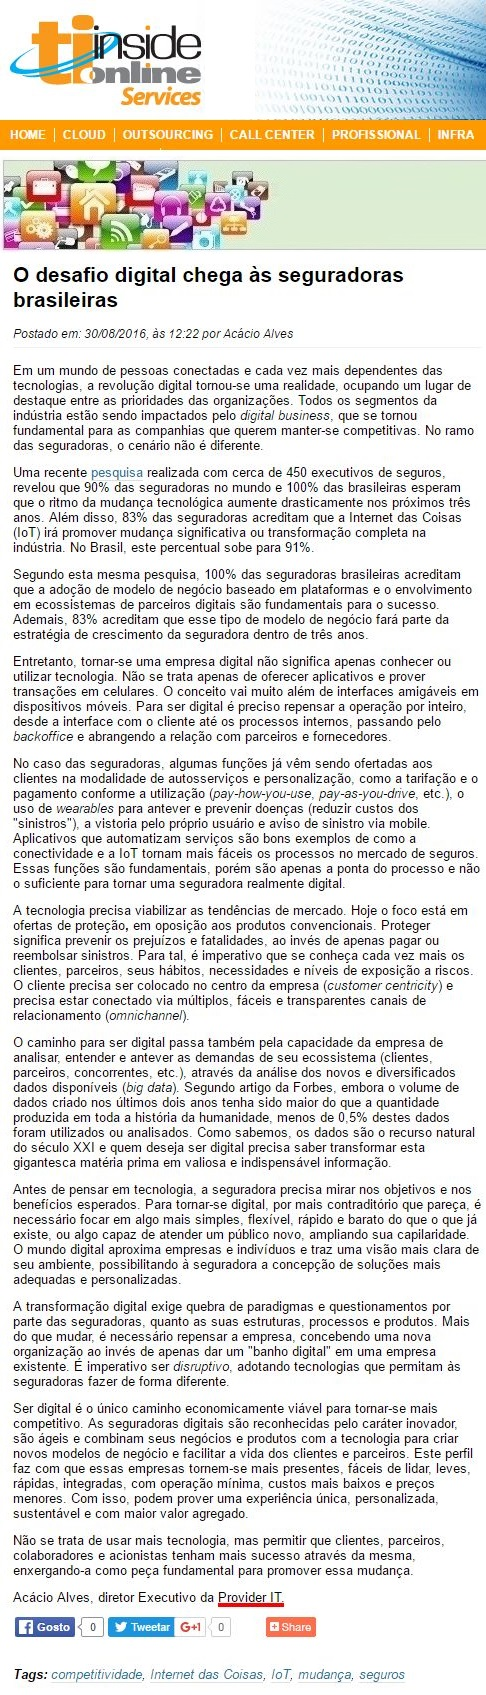 Seguradoras_Digitais_TI_Inside